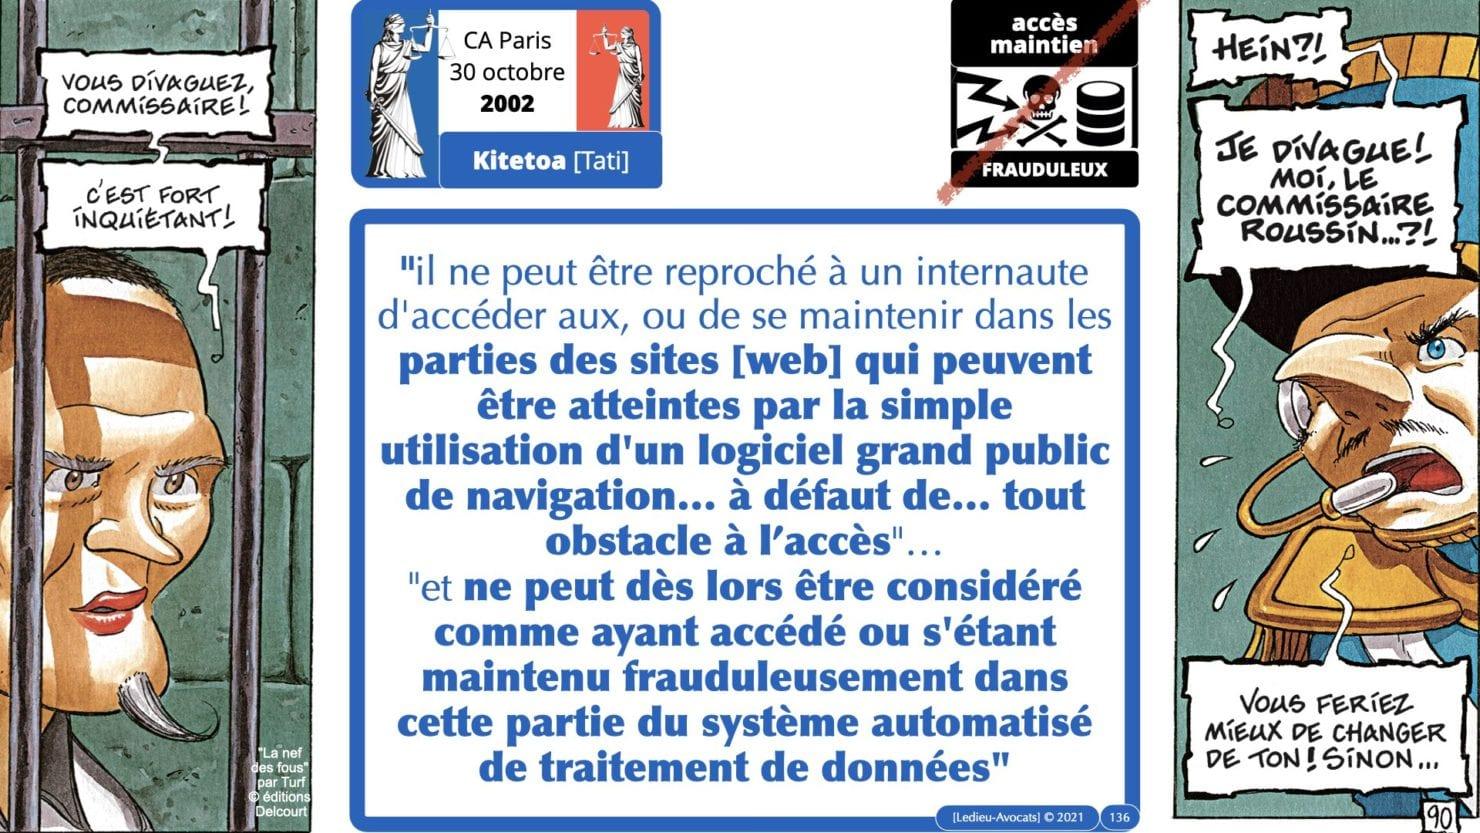 333 CYBER ATTAQUE responsabilité pénale civile contrat © Ledieu-Avocats 23-05-2021.136